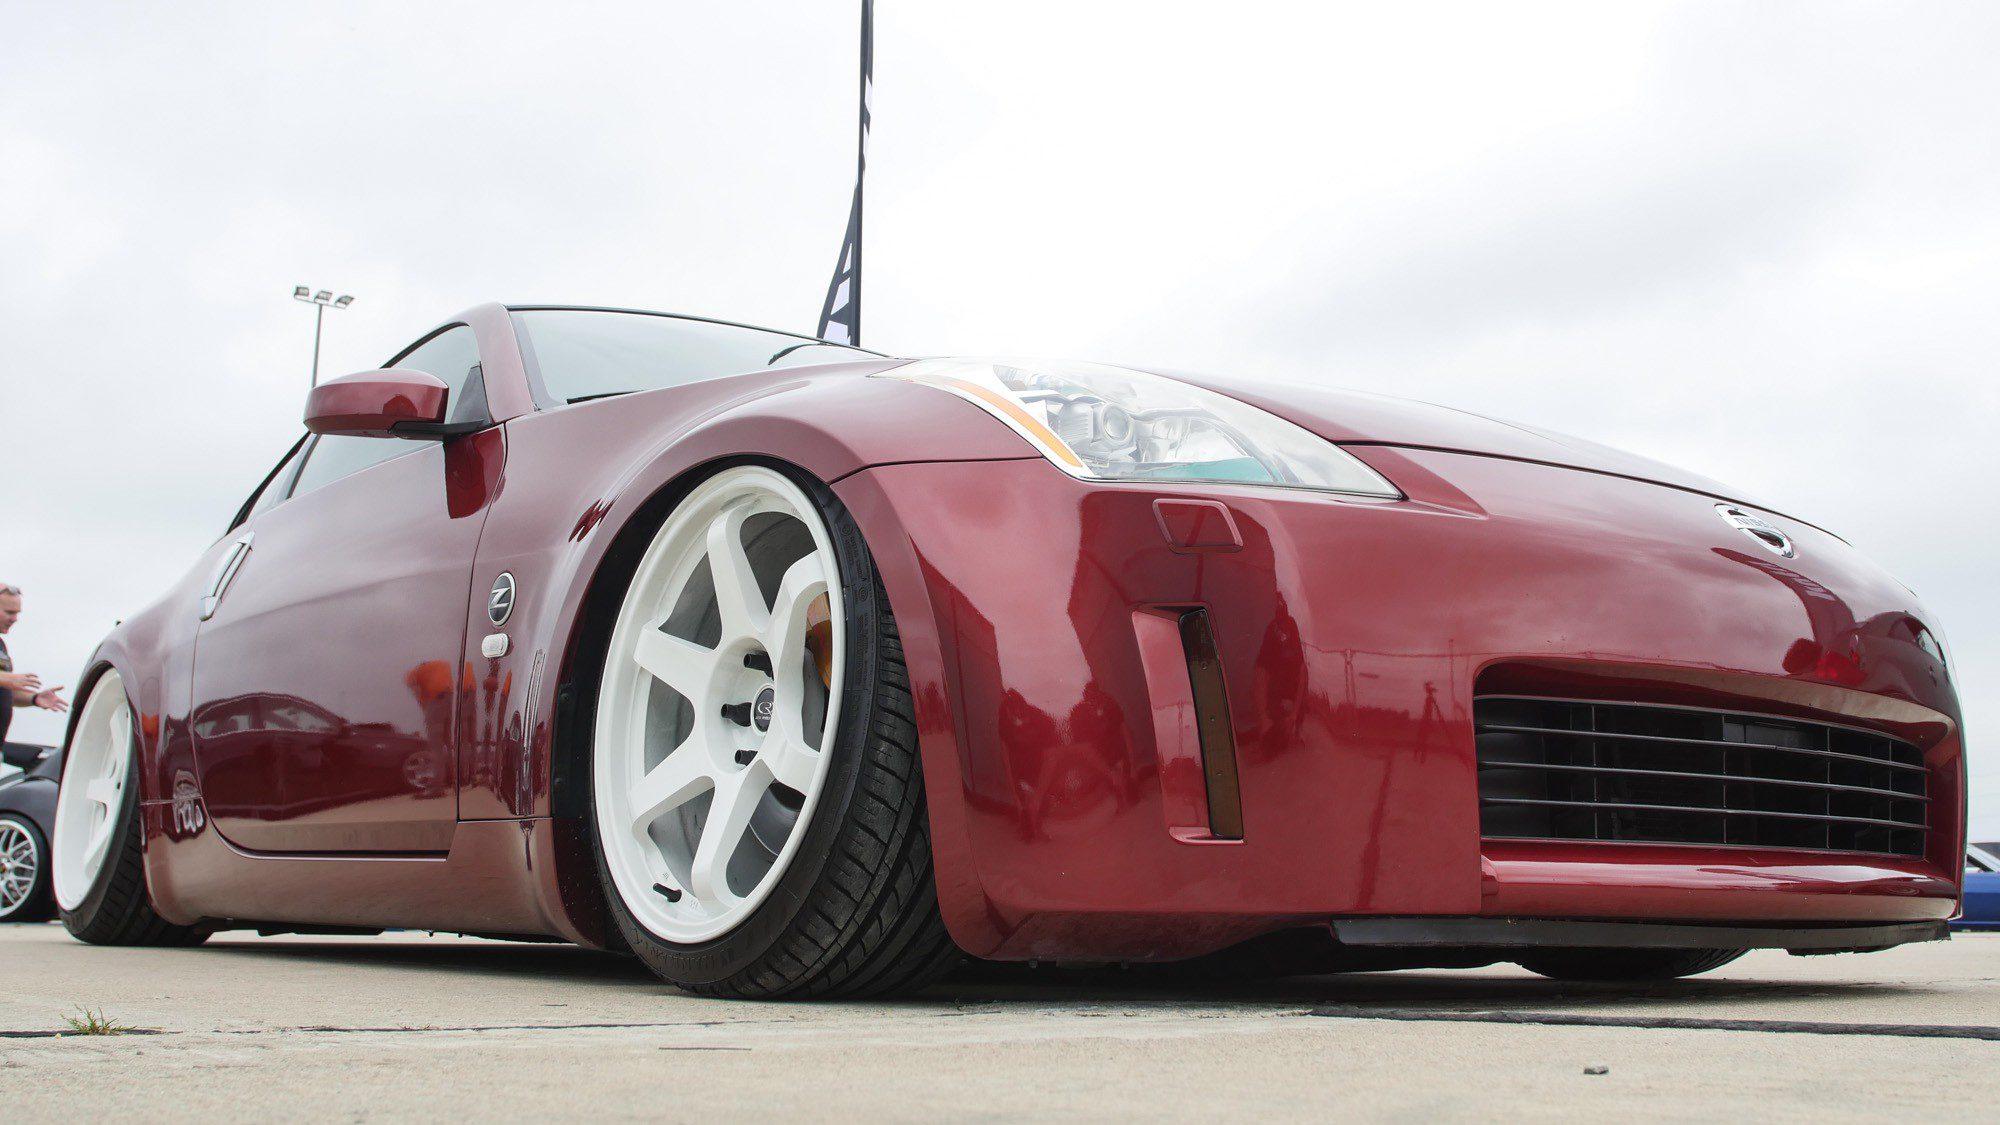 Frontpartie des Nissan 350 Z